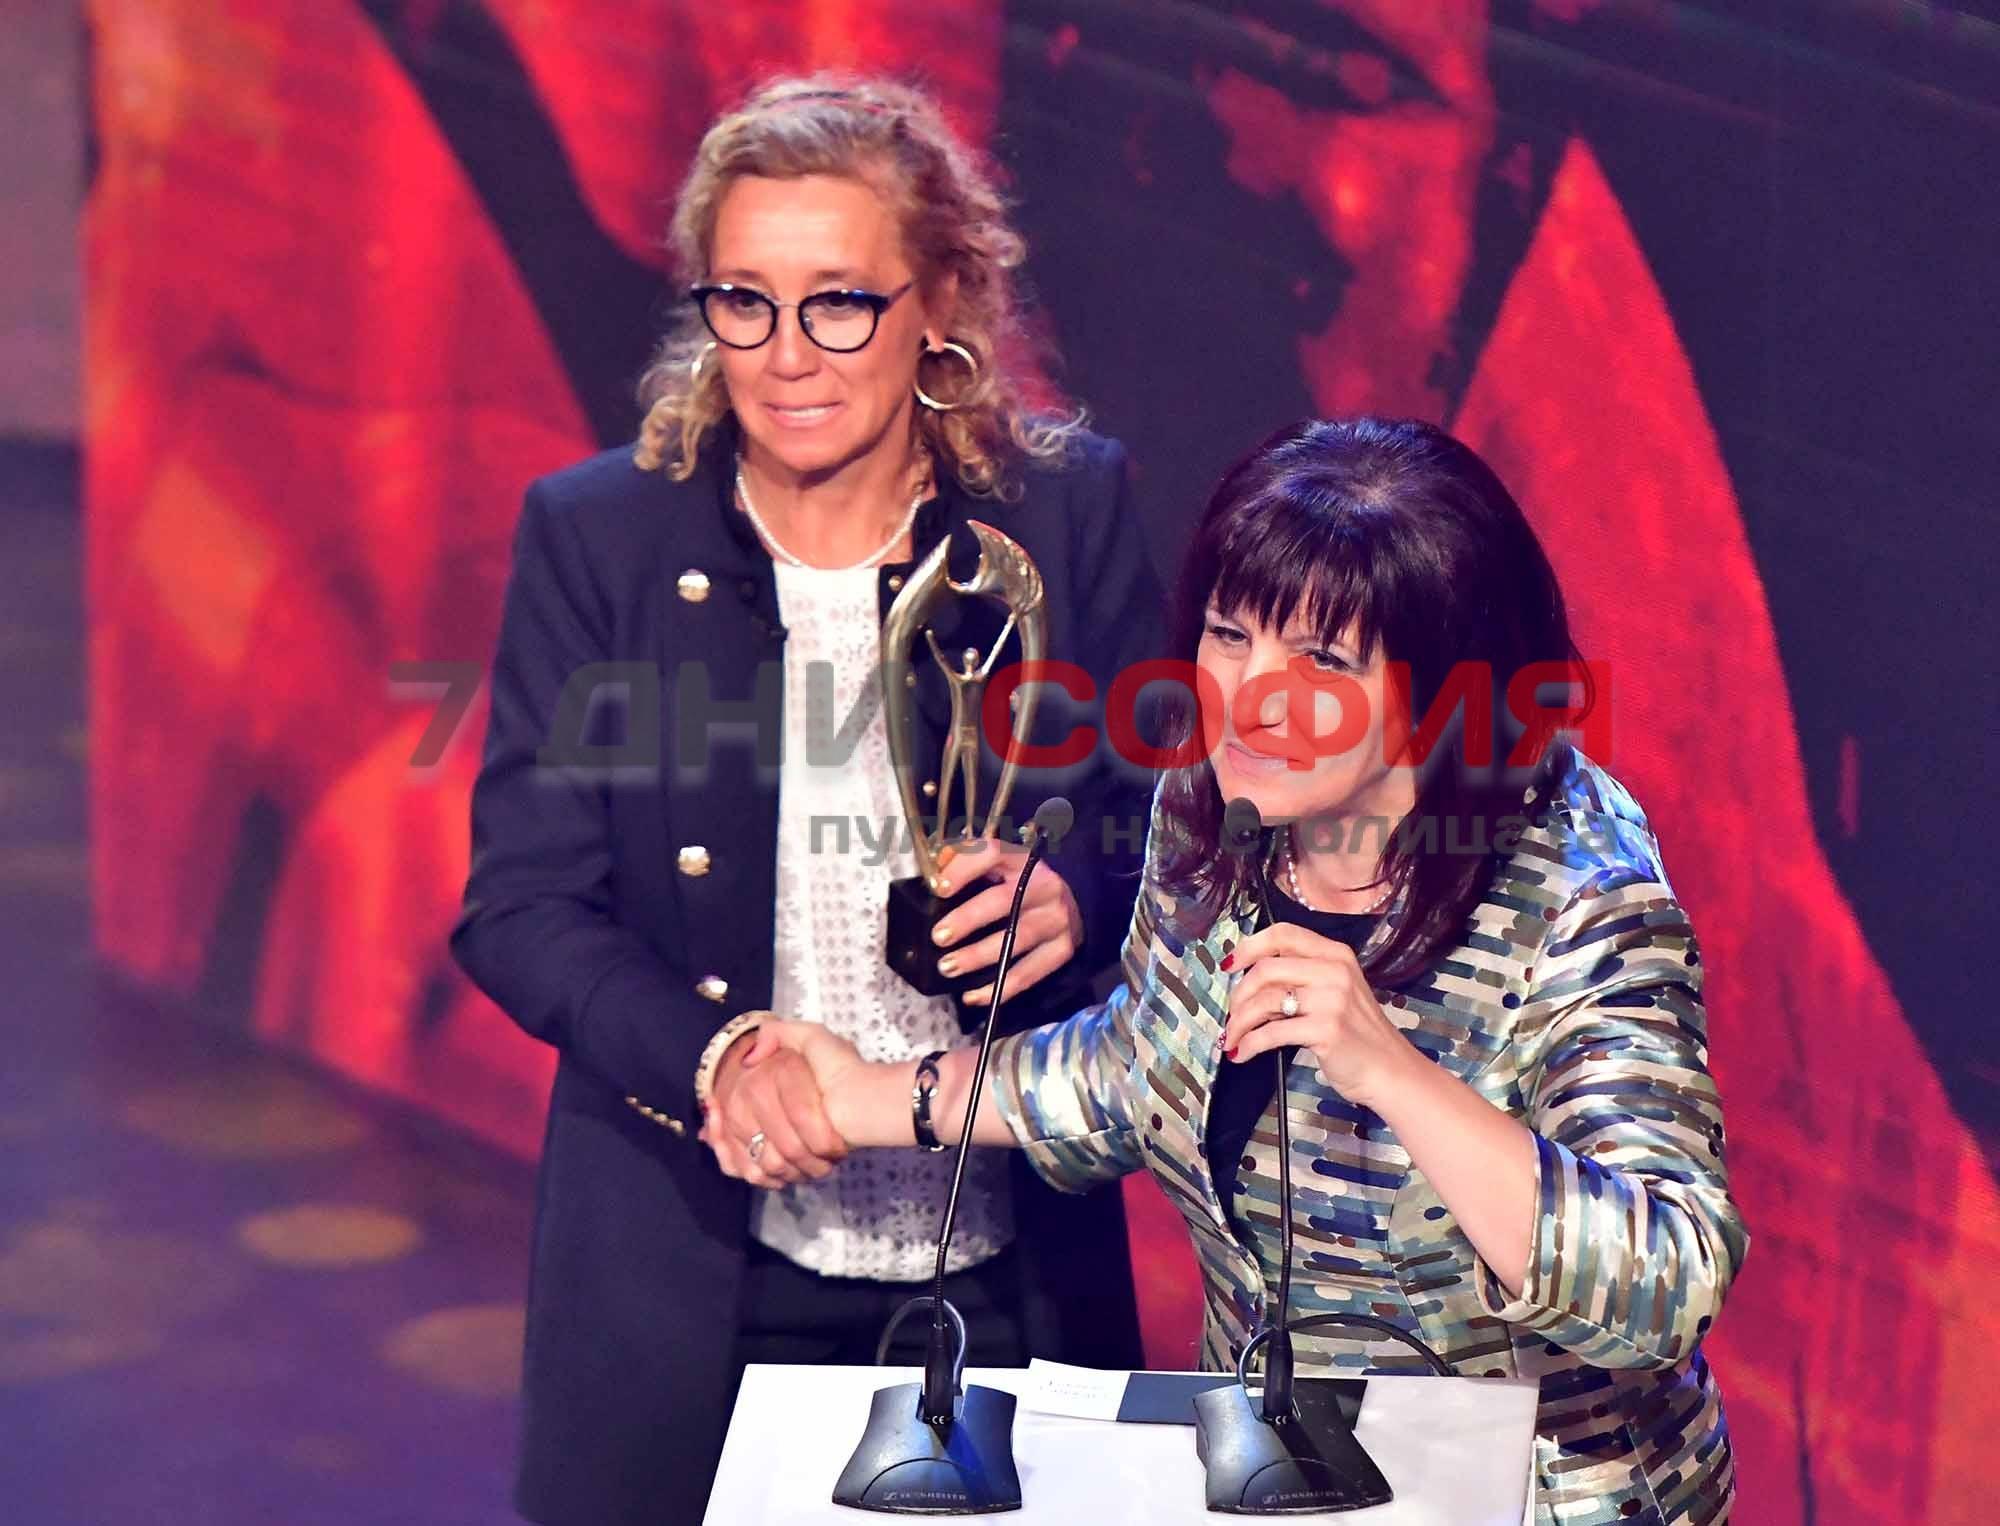 Снимка: Гришо е Спортист на годината, но каква беше тази гавра с майка му!? И кой пусна тази лезбийка на сцената?